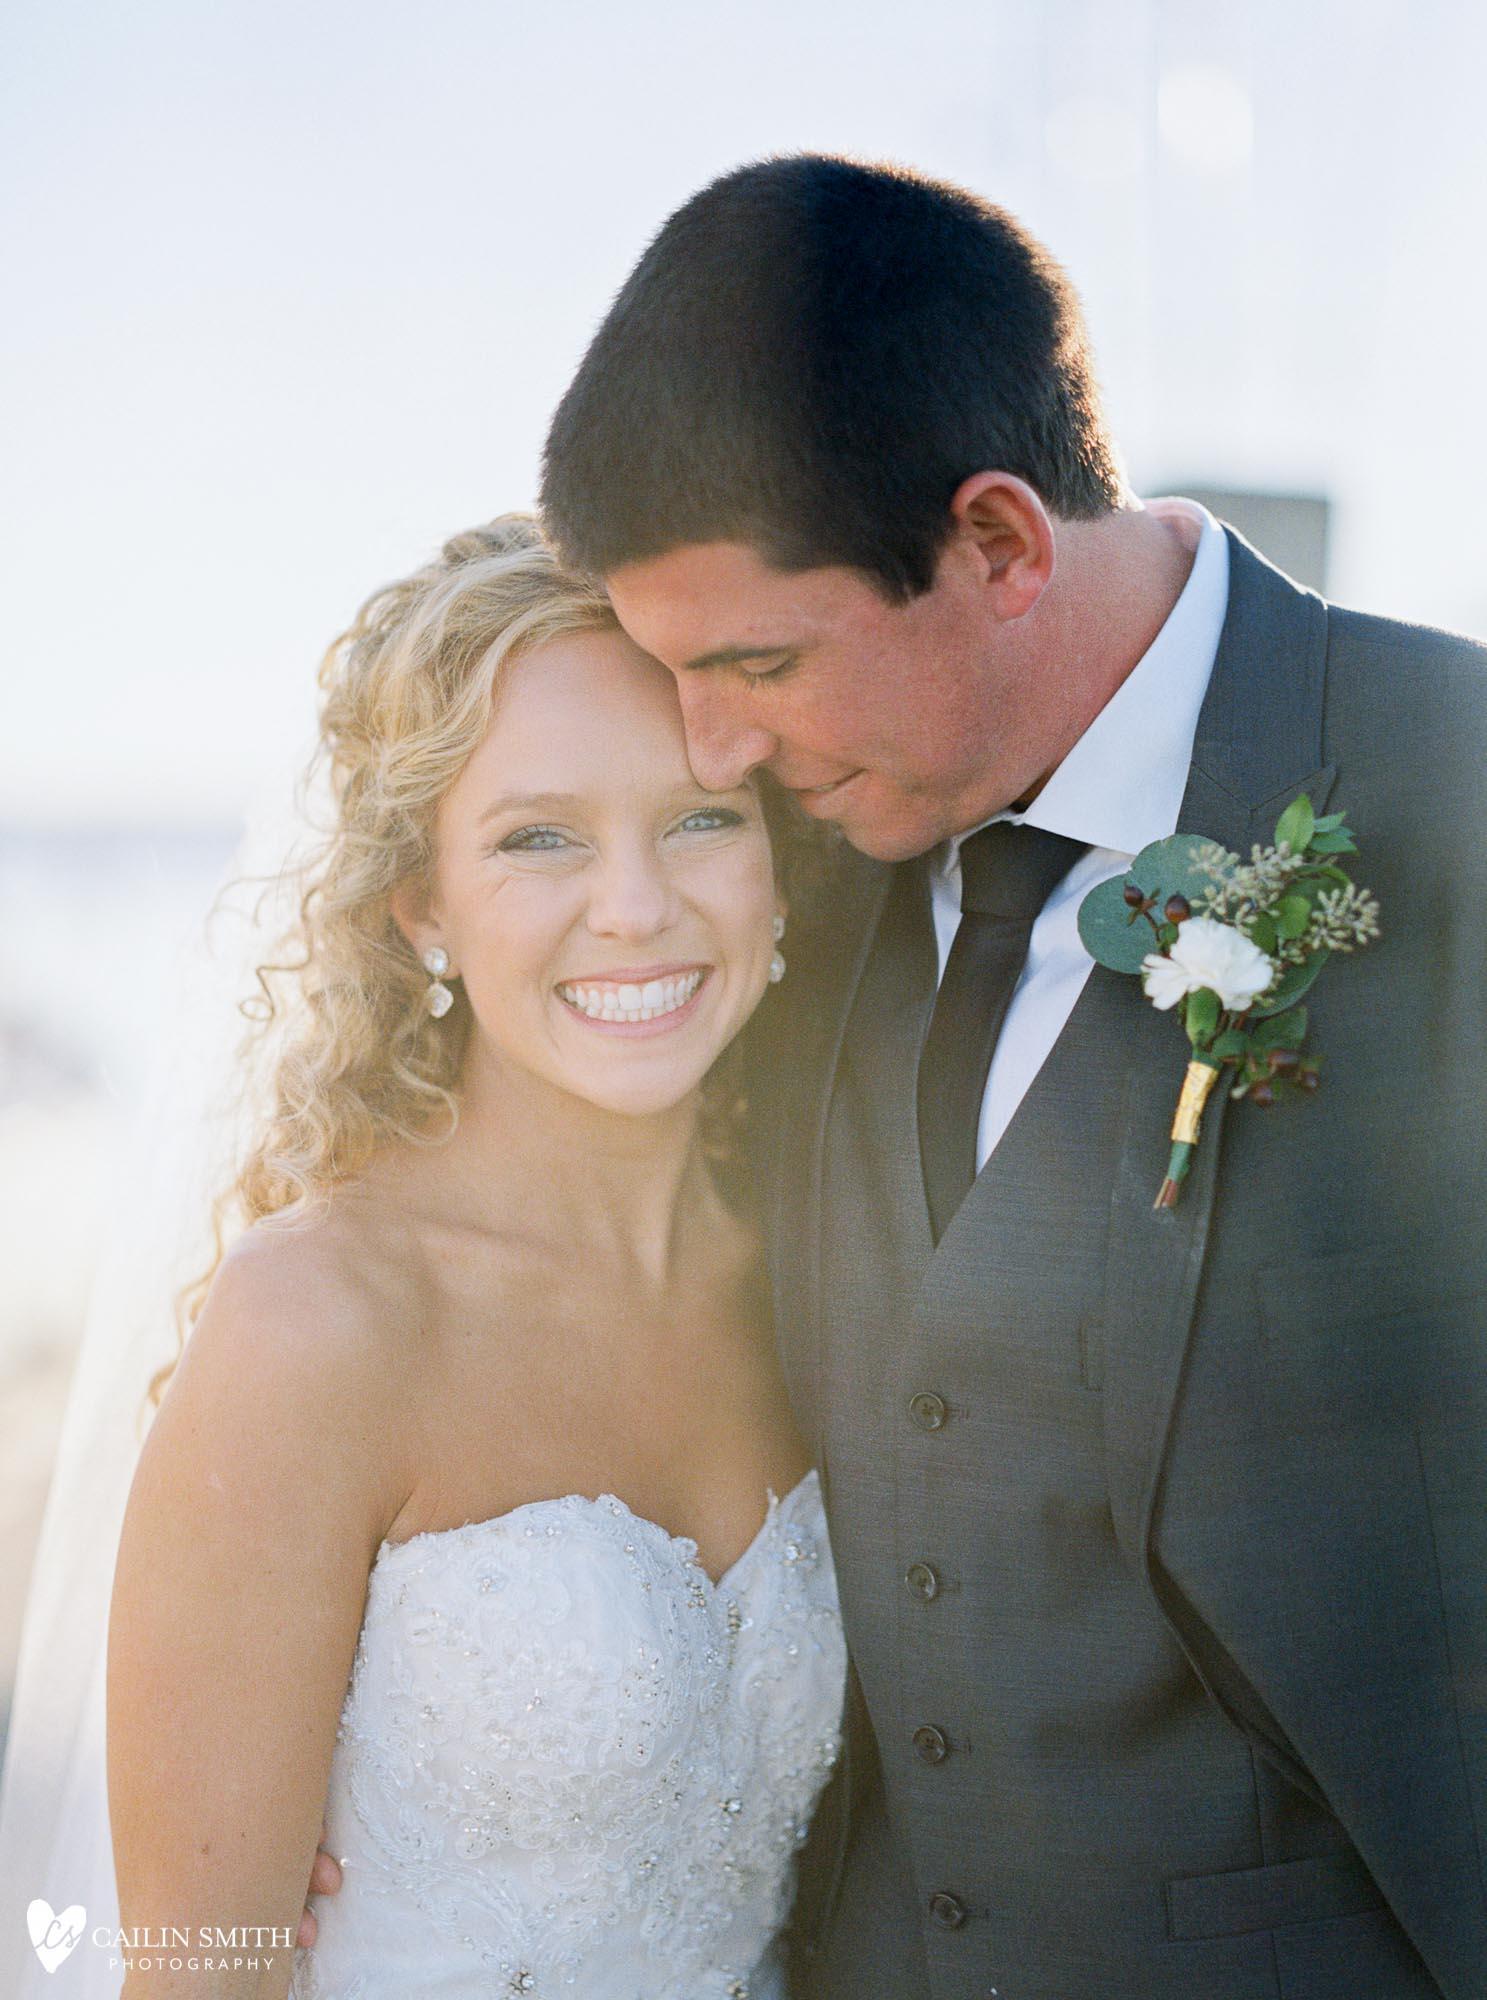 Leah_Major_St_Marys_Wedding_Photography_086.jpg